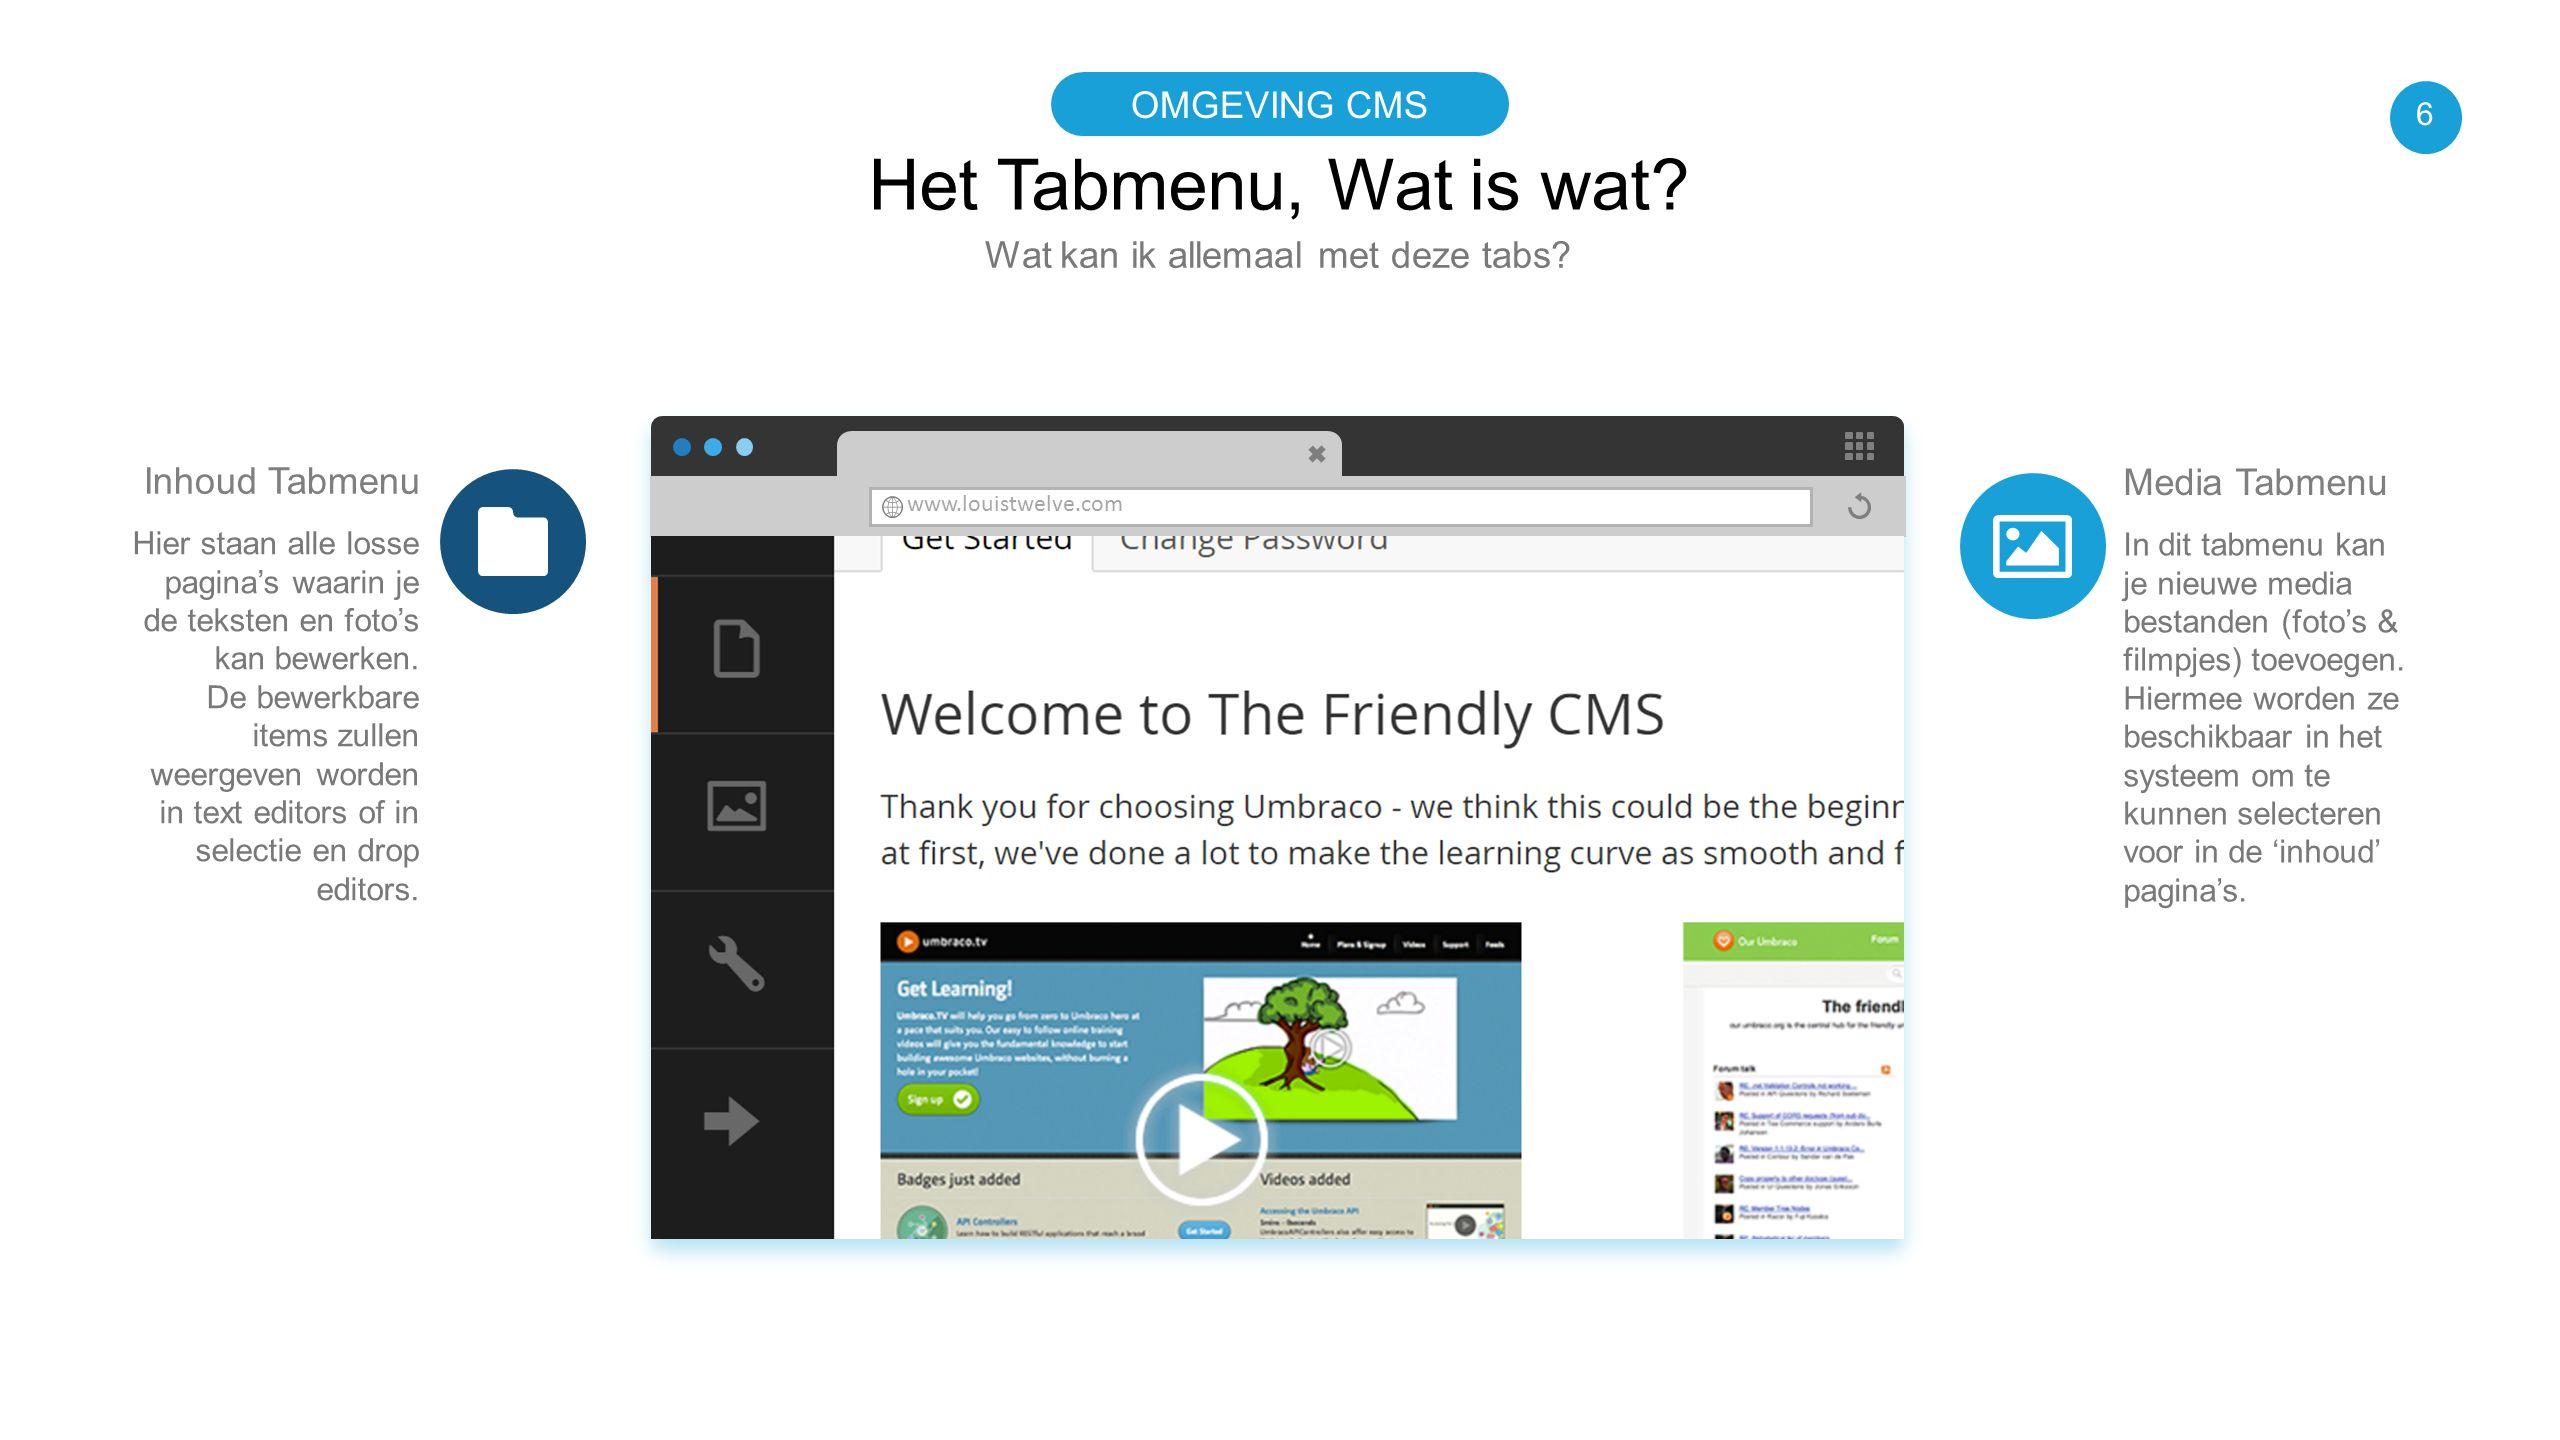 www.louistwelve.com Het Tabmenu, Wat is wat? Wat kan ik allemaal met deze tabs? OMGEVING CMS Media Tabmenu In dit tabmenu kan je nieuwe media bestande